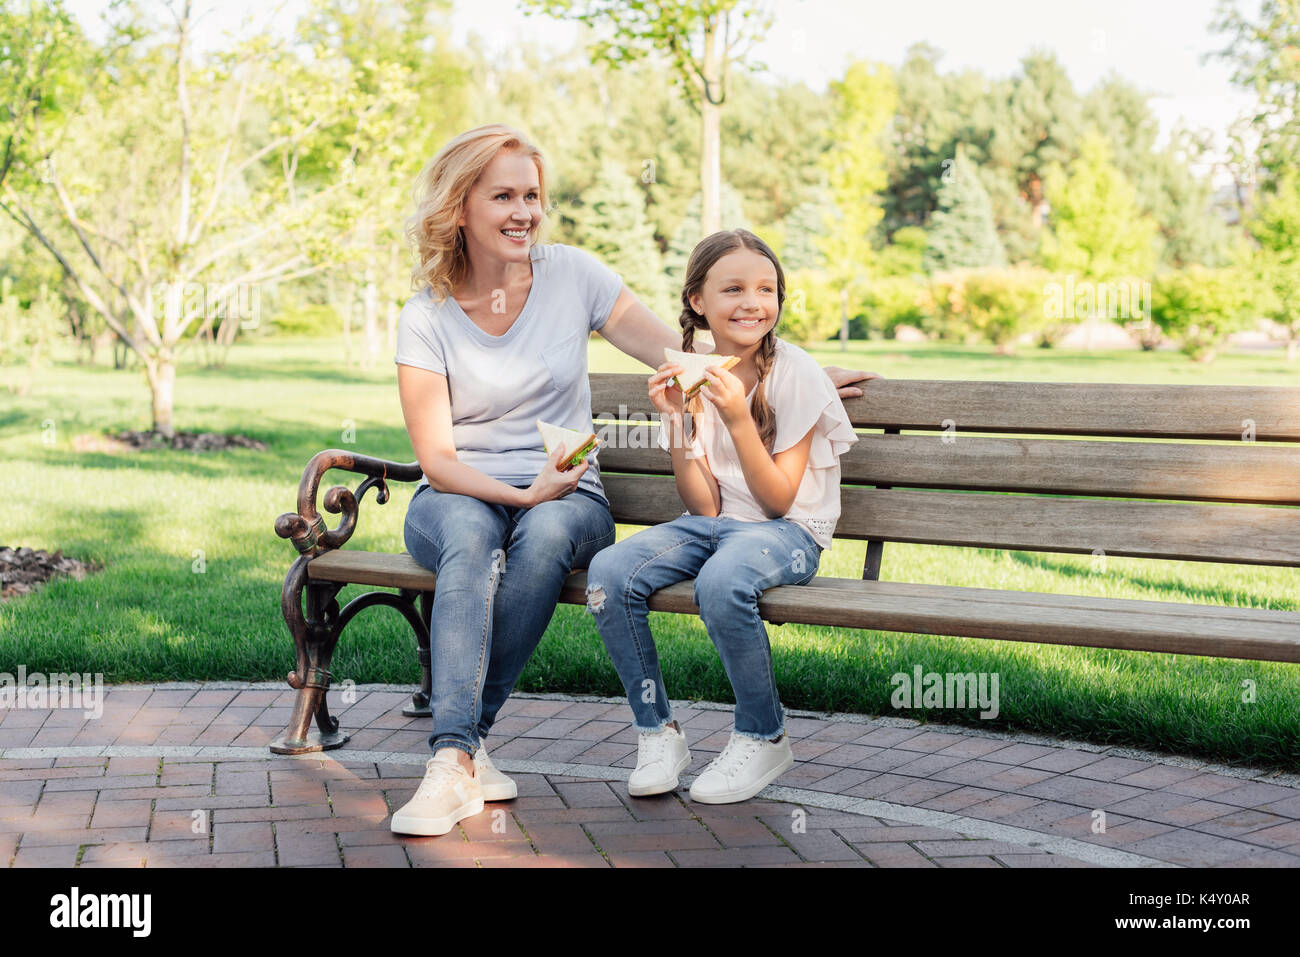 La donna e la nipote mangiando panini Immagini Stock